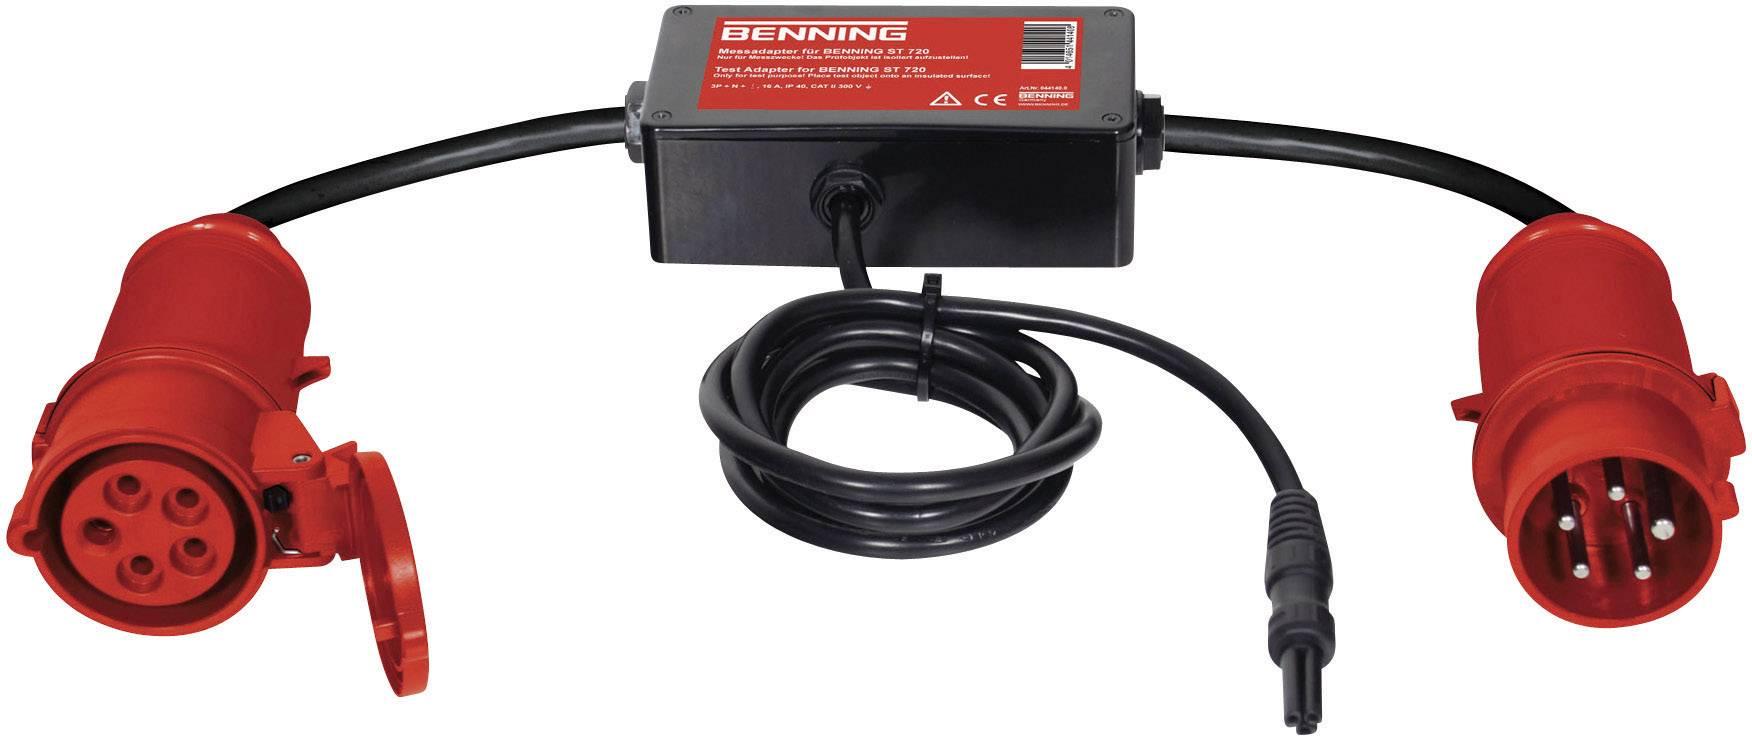 Aktivní měřicí adaptér Benning, 32 A CEE, 3 fázový